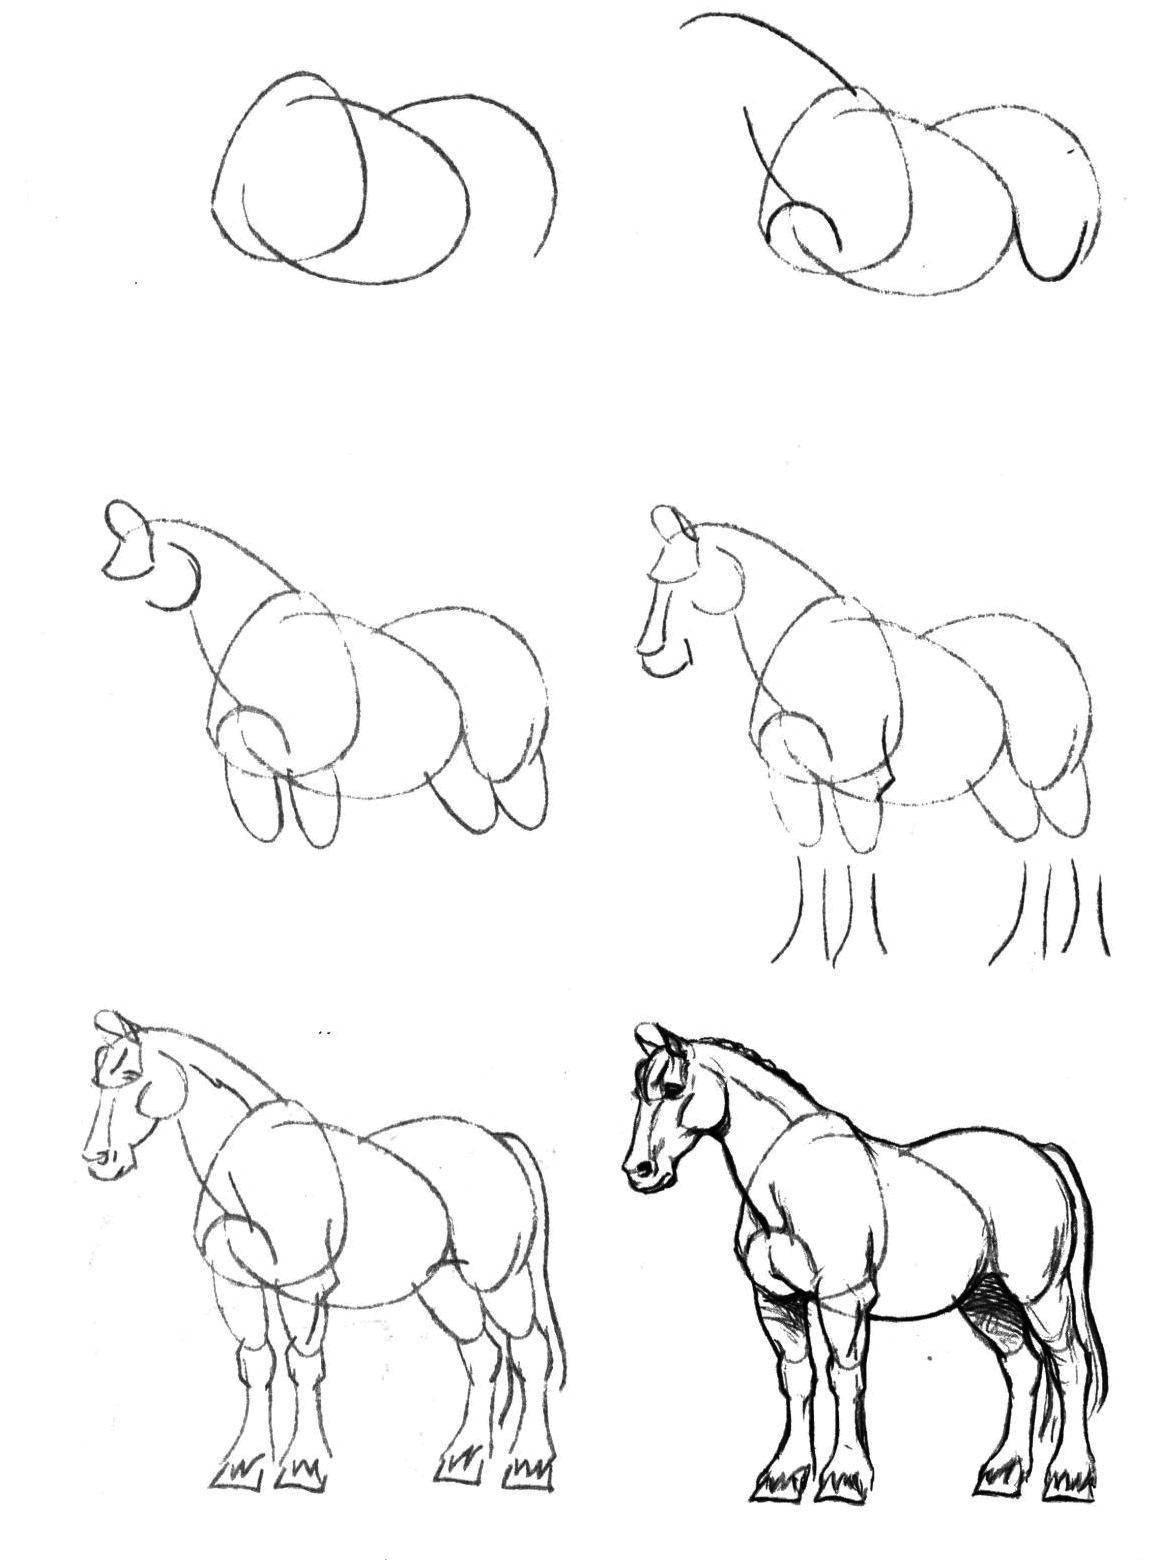 Раскраска Поэтапно рисуем коня Скачать Животные, конь.  Распечатать ,как нарисовать поэтапно карандашом,